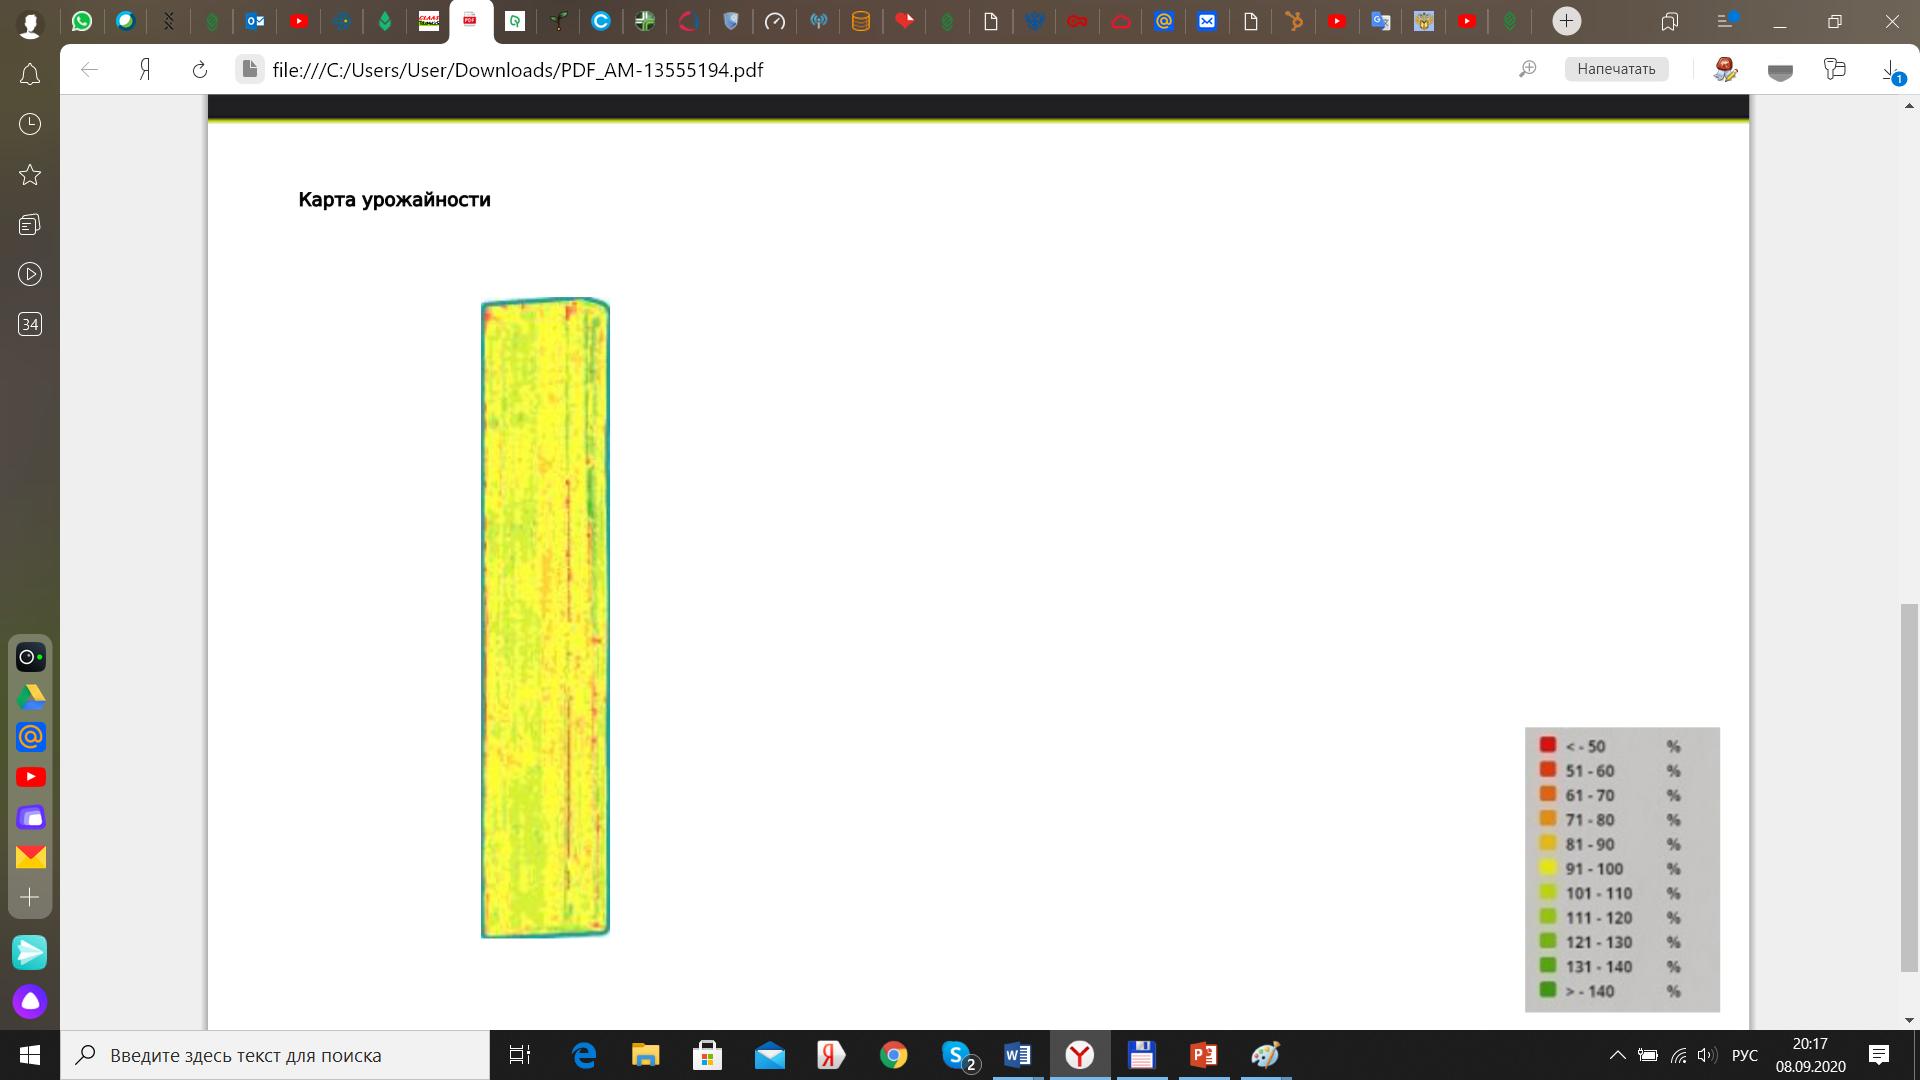 word image 1033 Прогнозирование и мониторинг научно-технологического развития АПК: технологии точного сельского хозяйства, включая автоматизацию и роботизацию